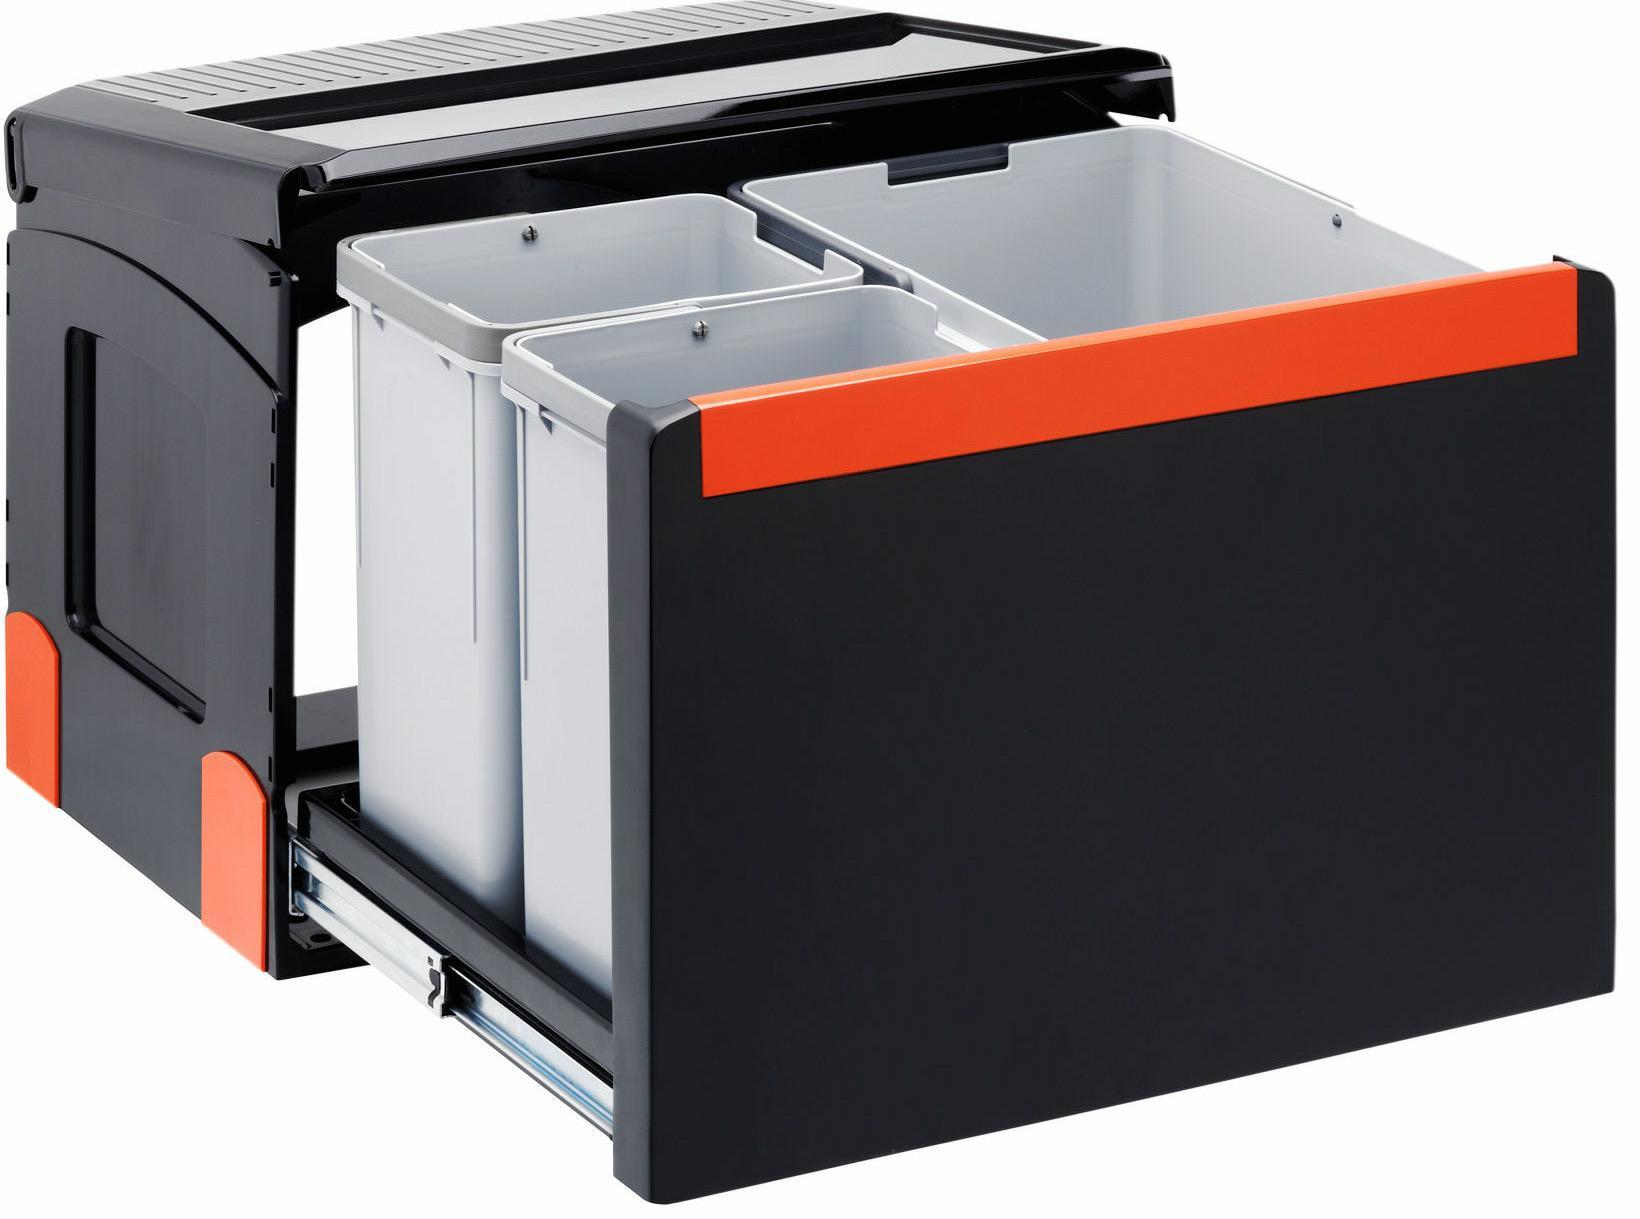 afvalemmer sorter Franke Toebehoren C50H503 afvalemmer sorter C 50H503 C 50 H 503